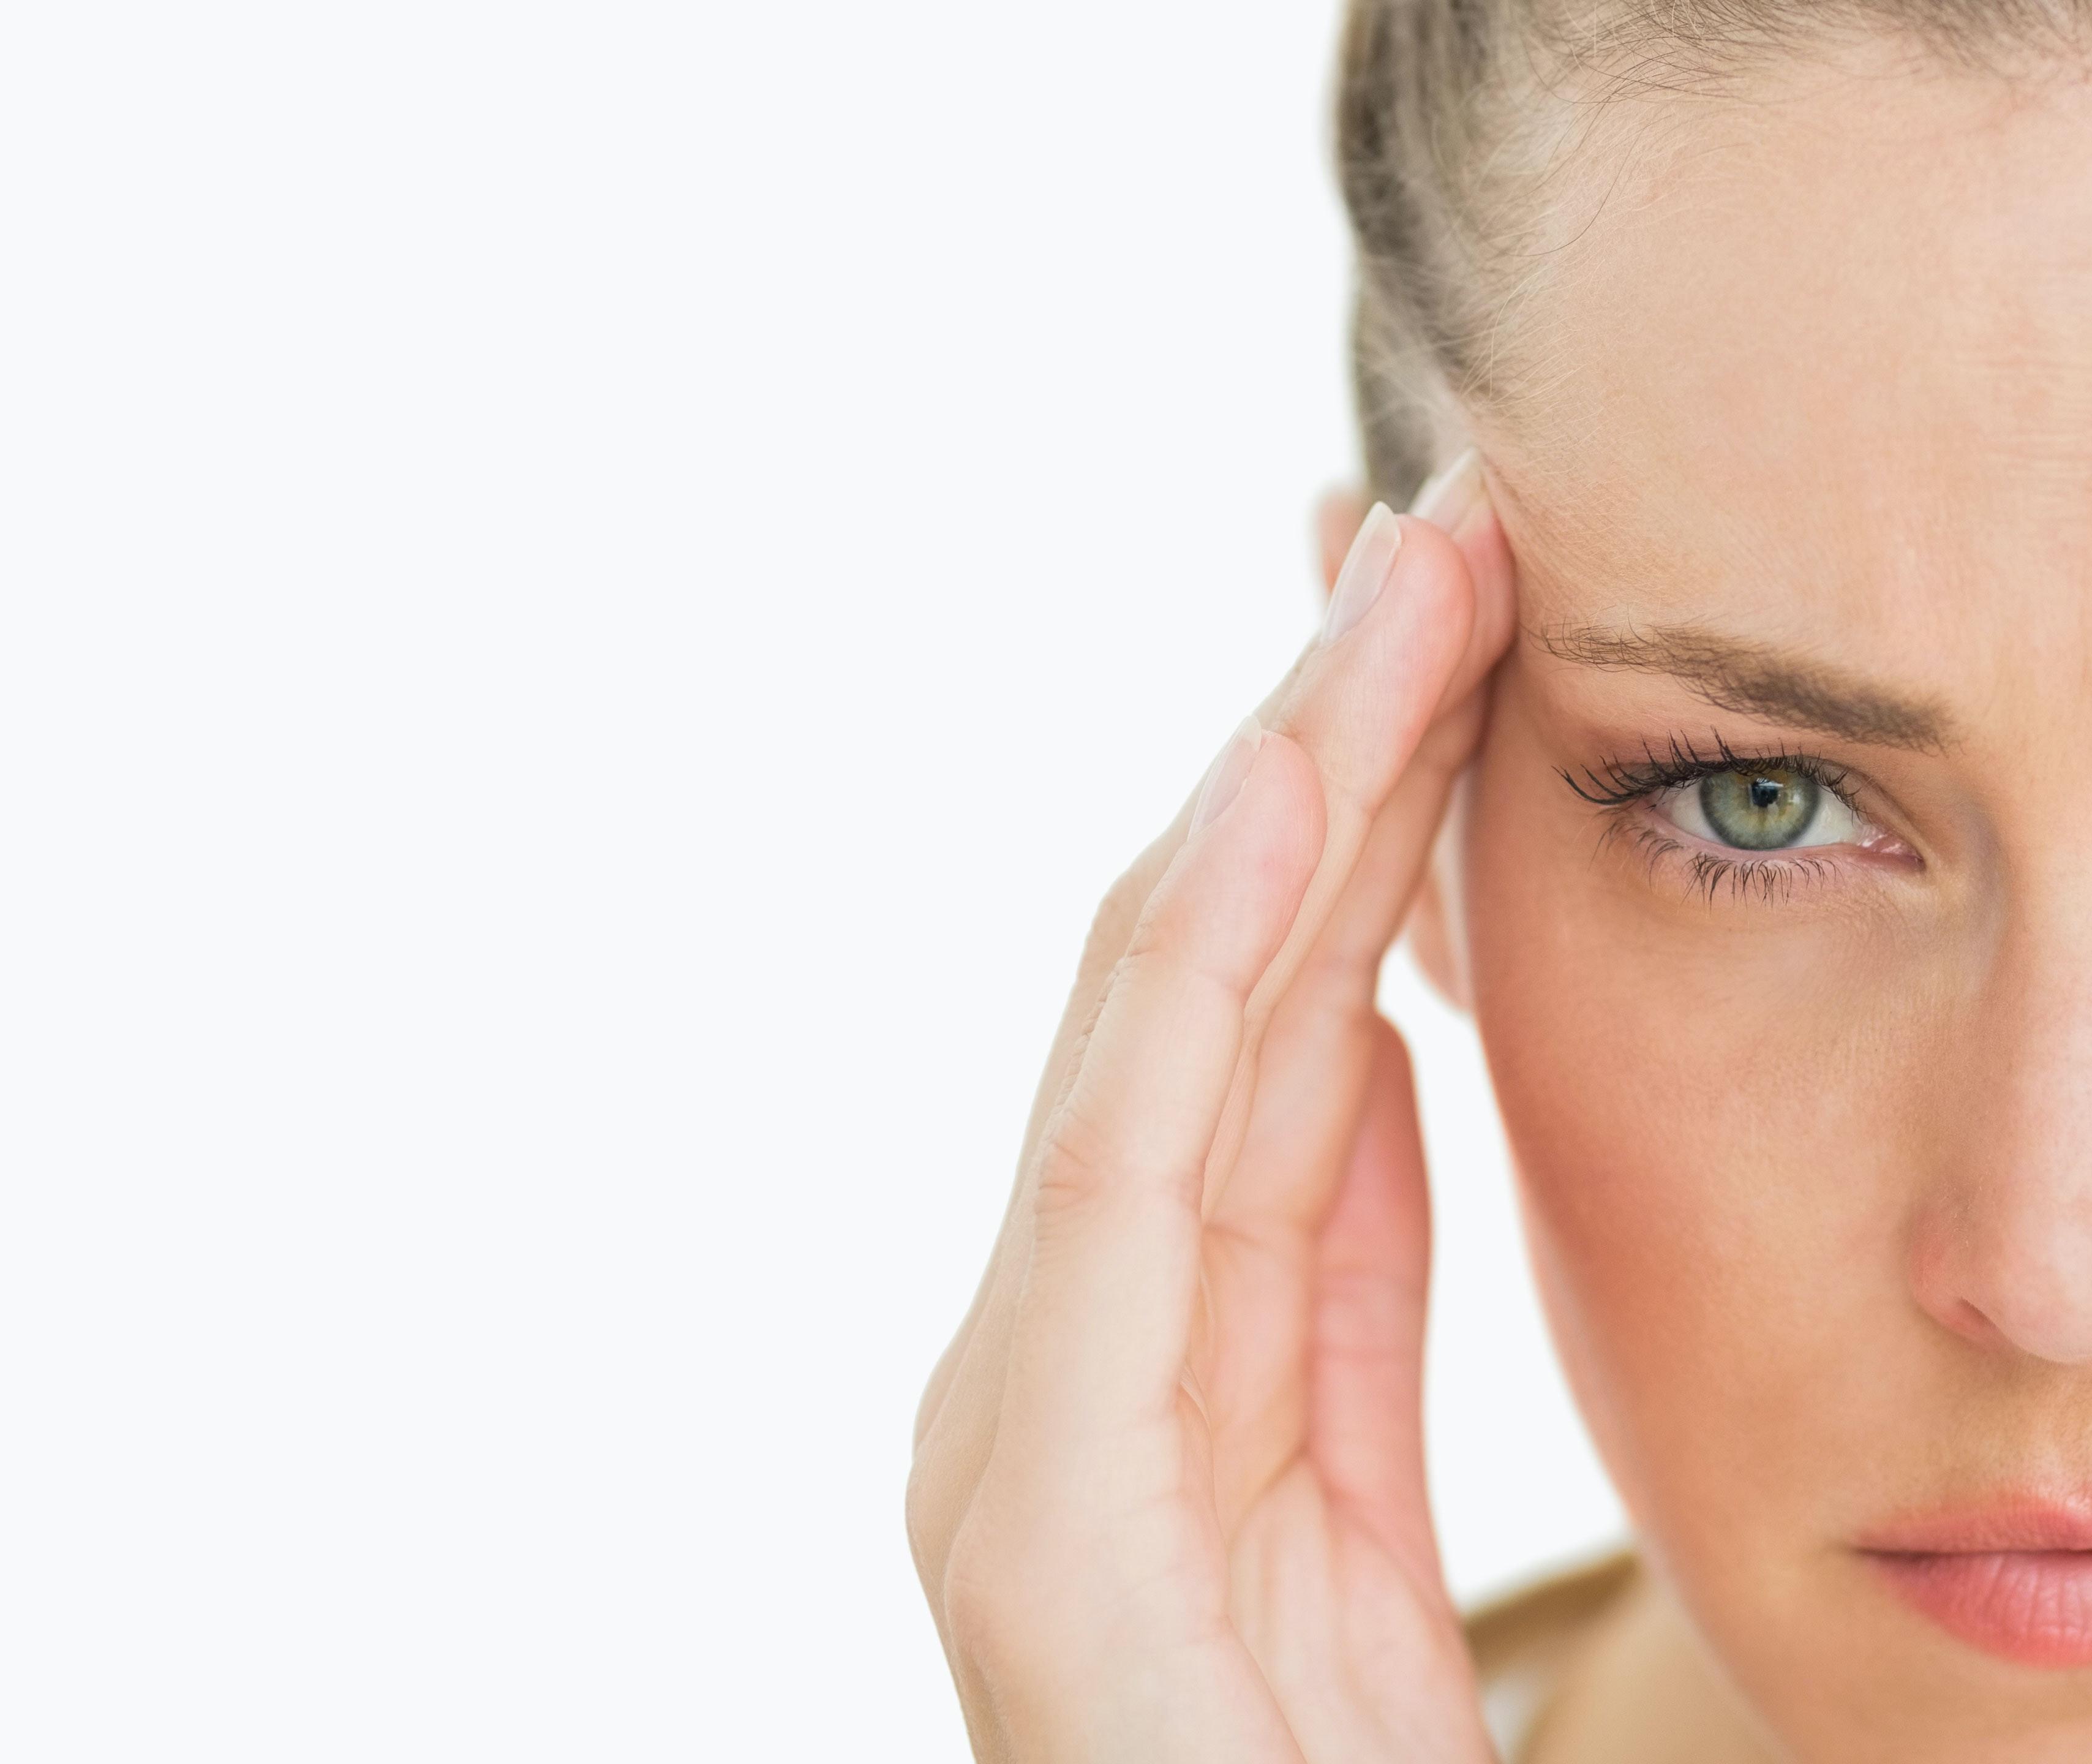 dieta cetogenica y dolor de cabeza